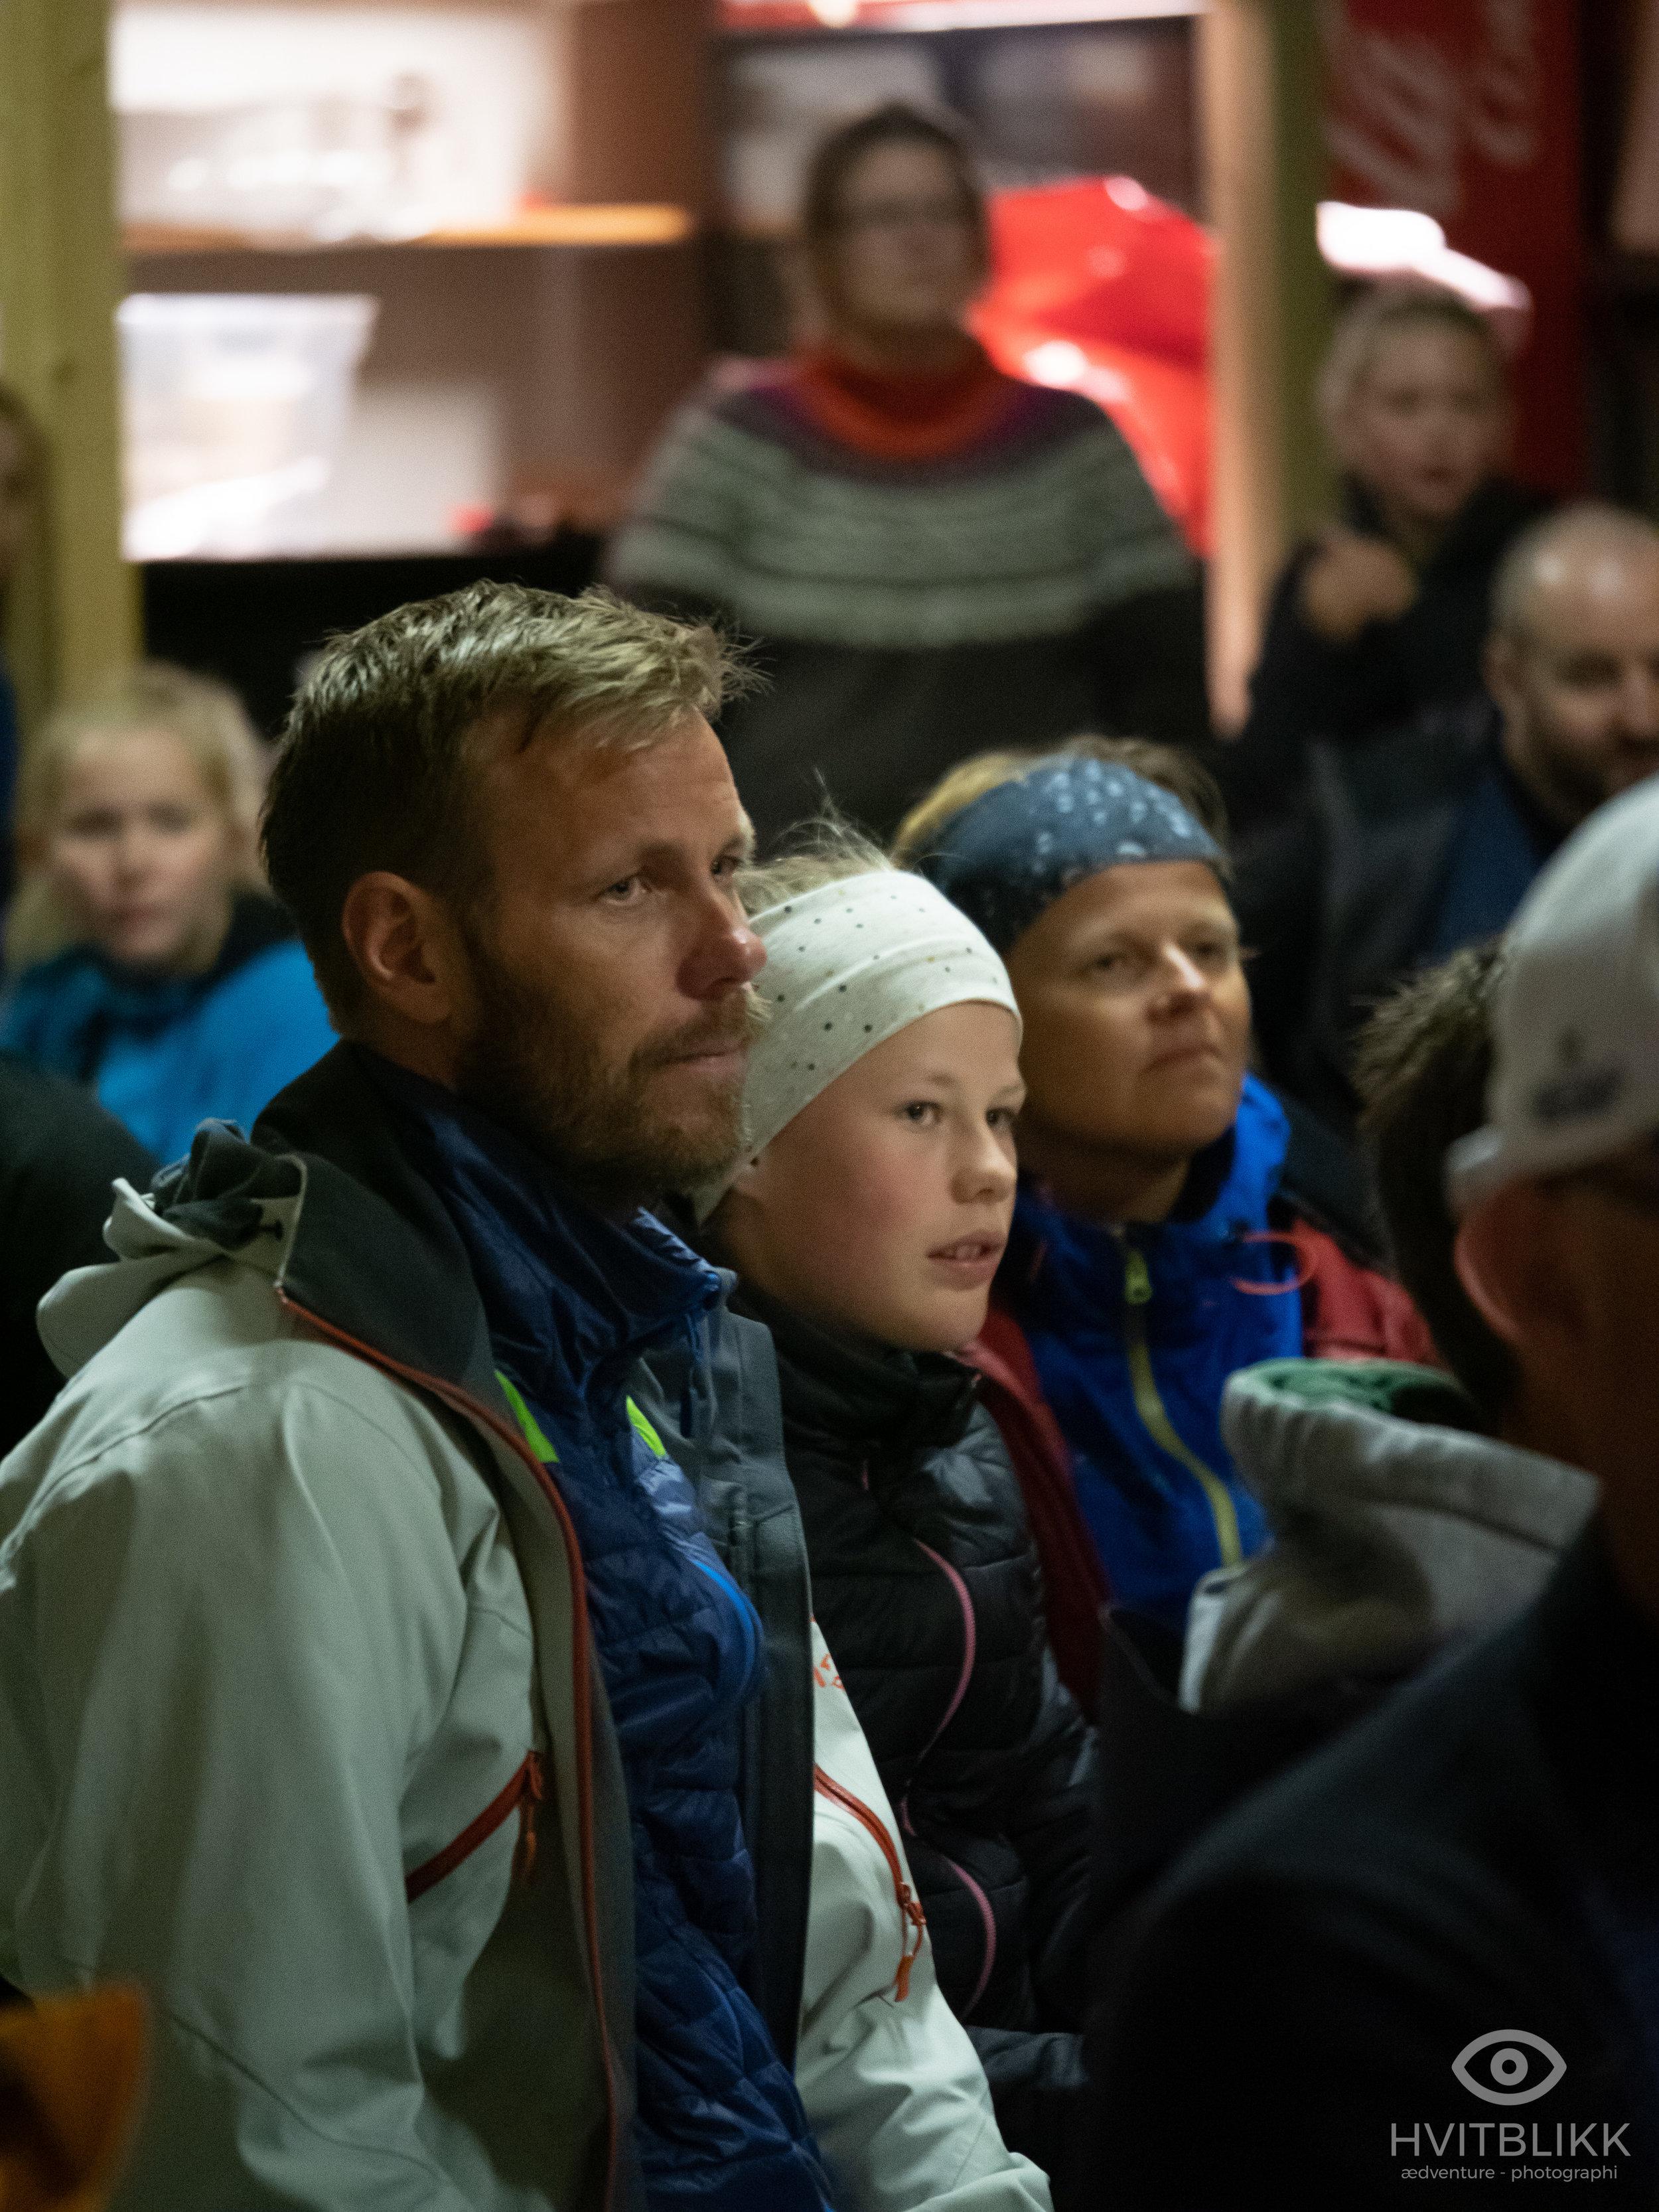 Ellingjord-Hvitblikk_20190621NOR3717.jpg